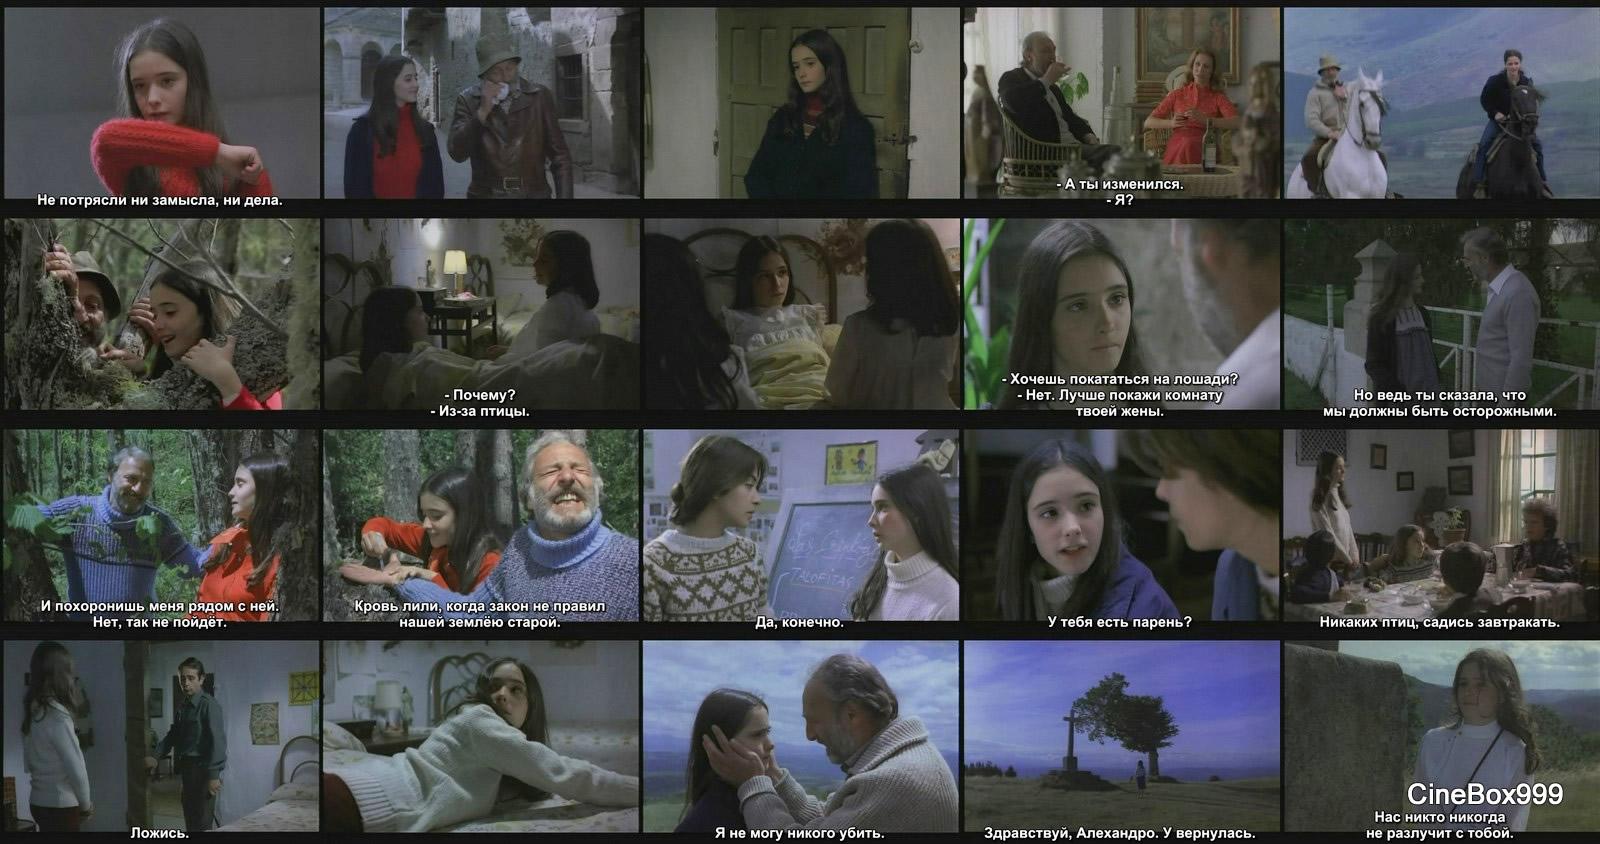 El nido 1980 download